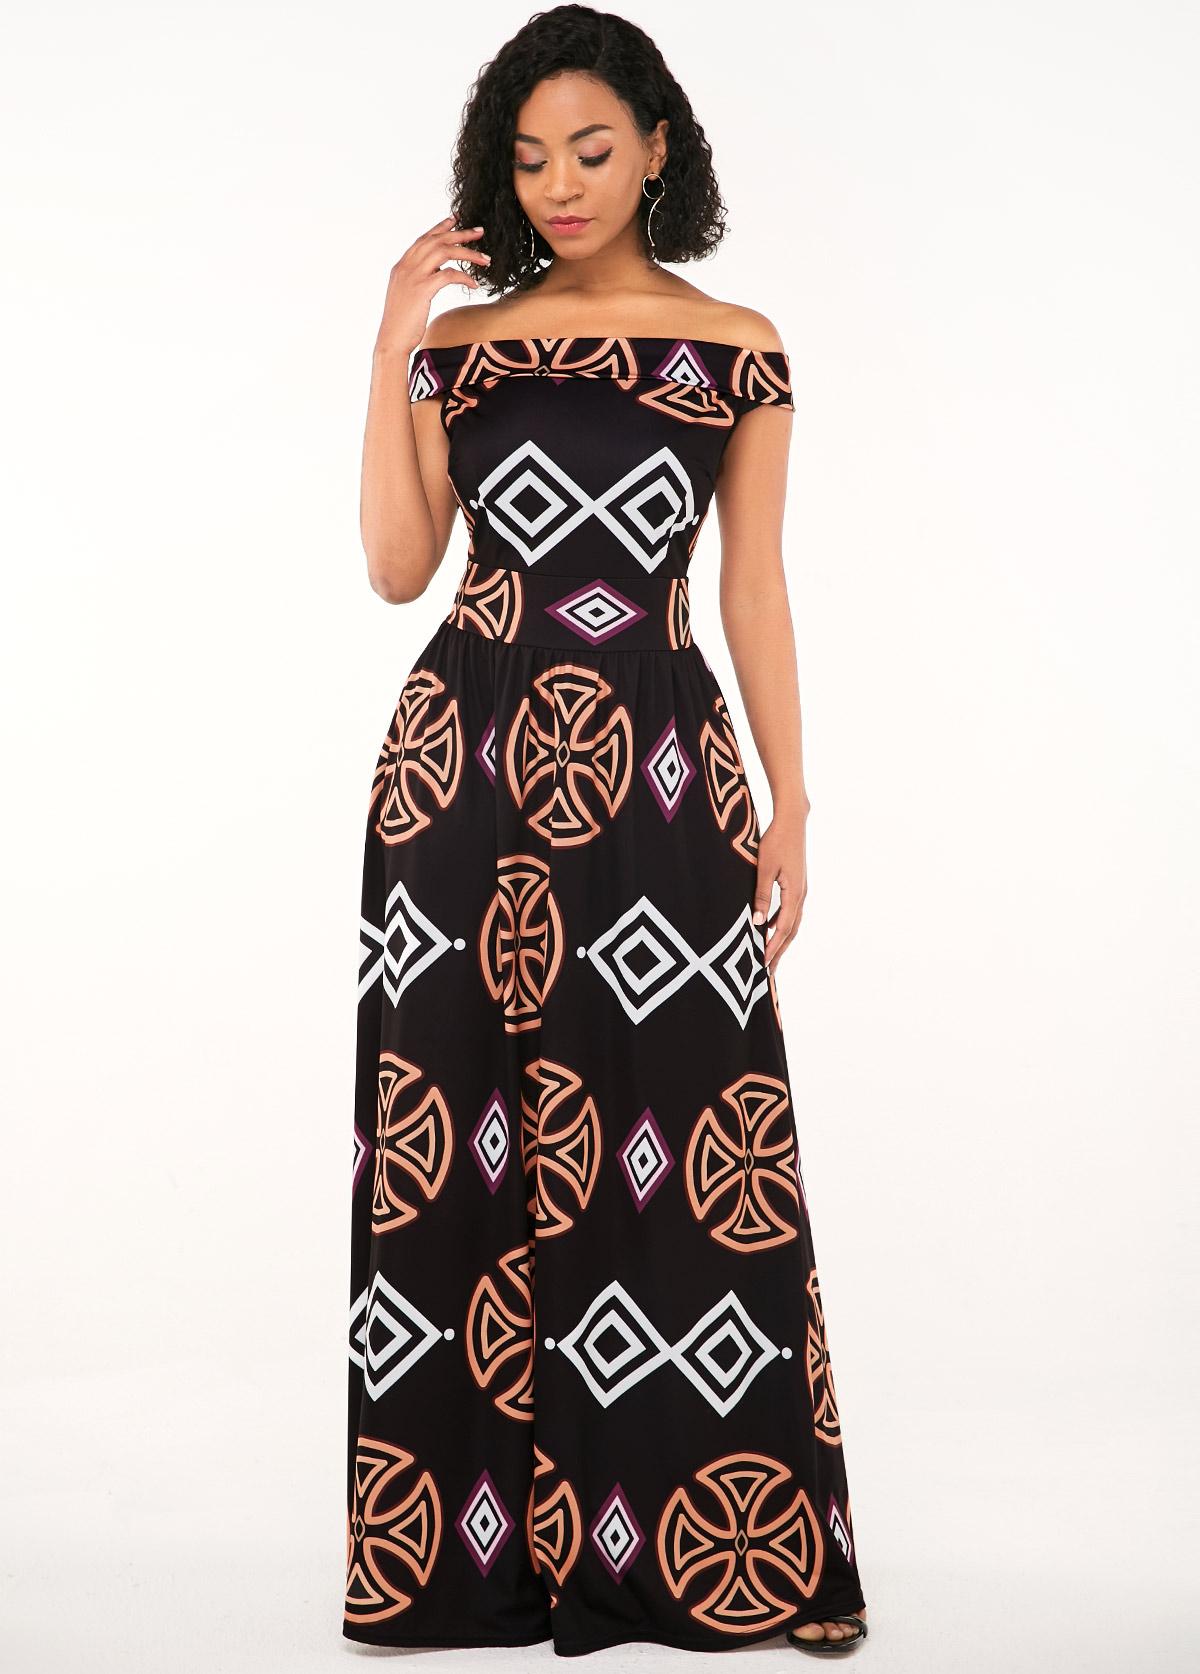 African Print Off the Shoulder Zipper Closure Dress